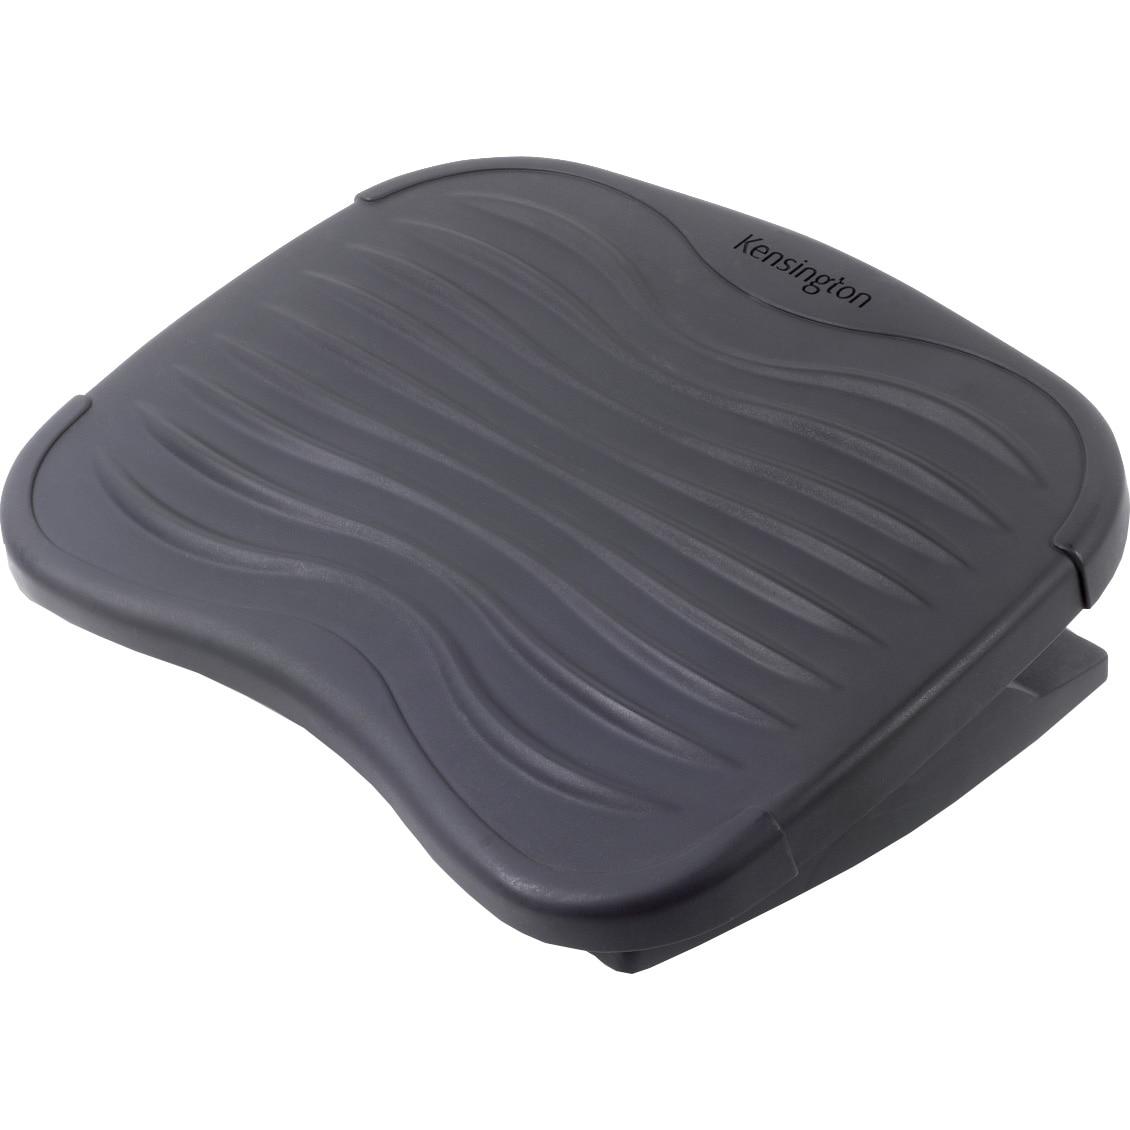 Fotografie Suport ergonomic Kensington SoleSoother, pentru picioare, inclinatie ajustabila, negru